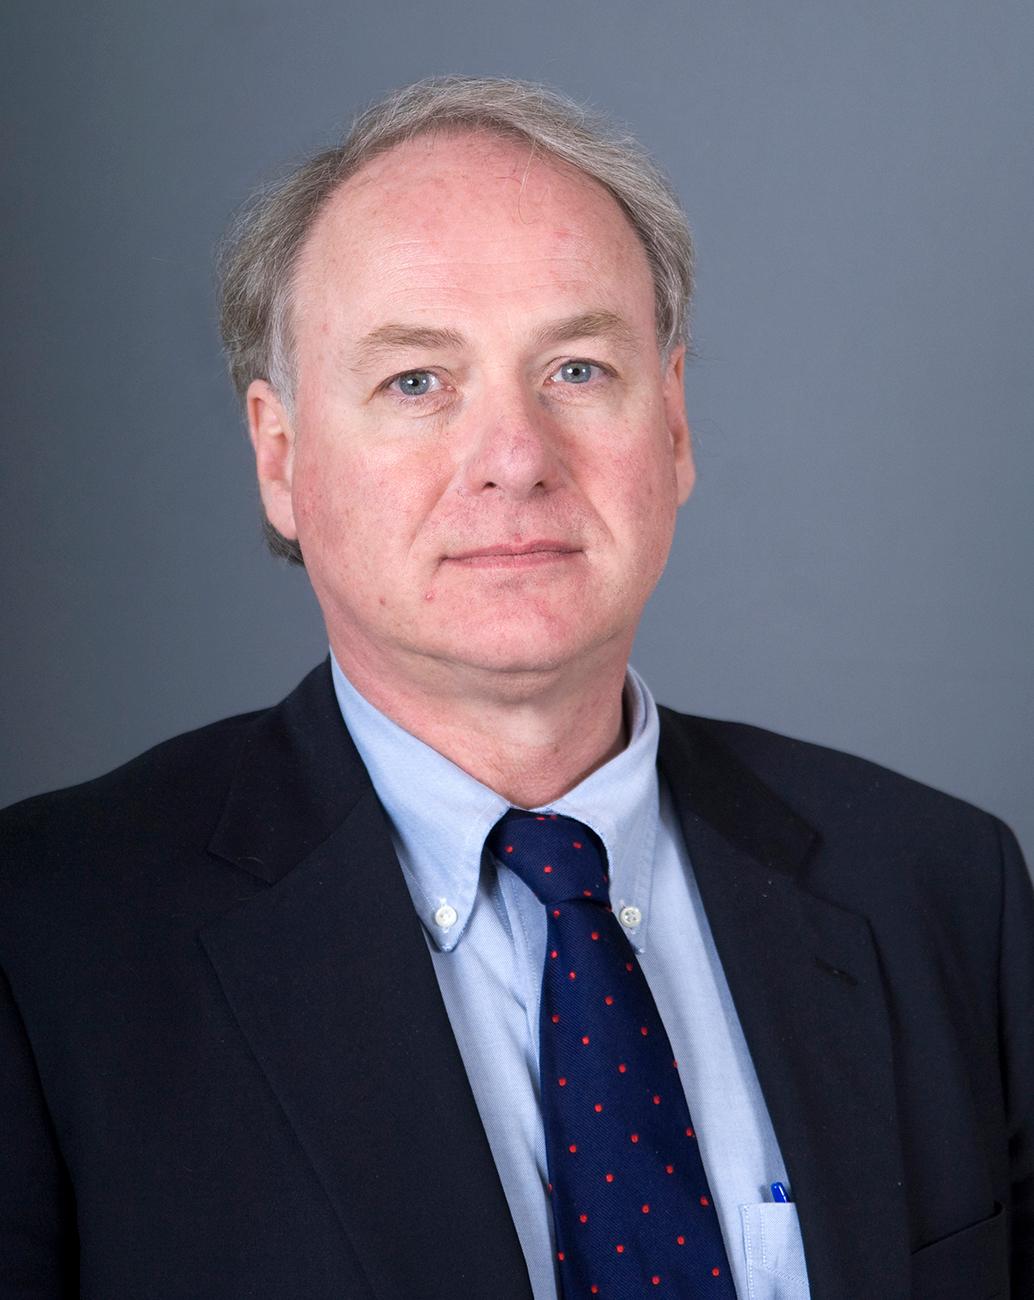 James H. Page, Chancellor